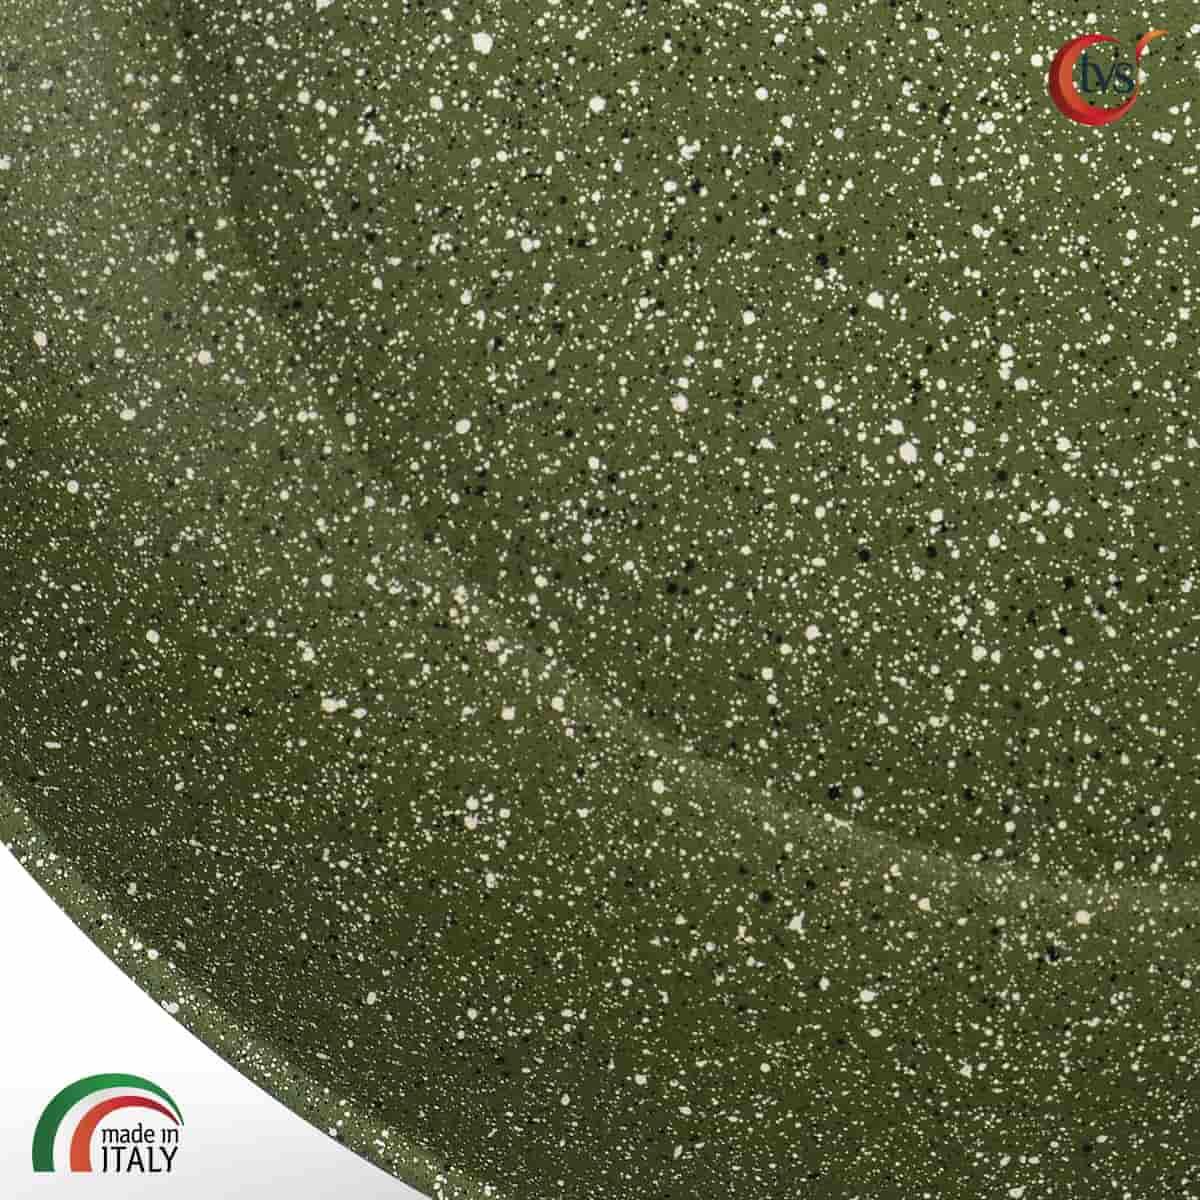 Sartén italiana de aluminio con recubrimiento vegetal antiadherente ecológica marca TVS